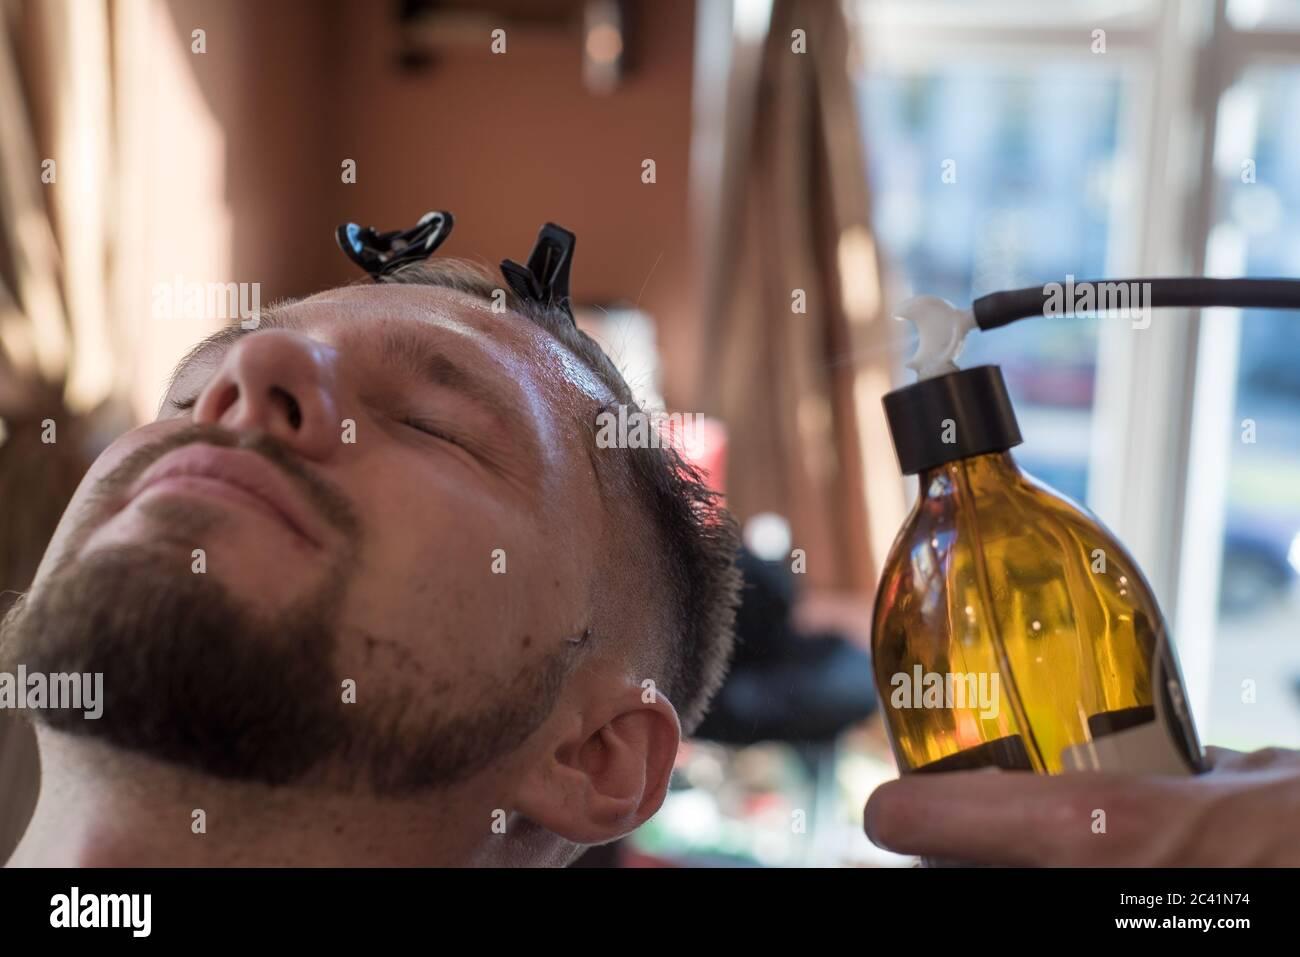 una peluquería rociando un bálsamo después de afeitarse la barba a un cliente de un joven barbudo de veinticinco años. A la peluquería Foto de stock